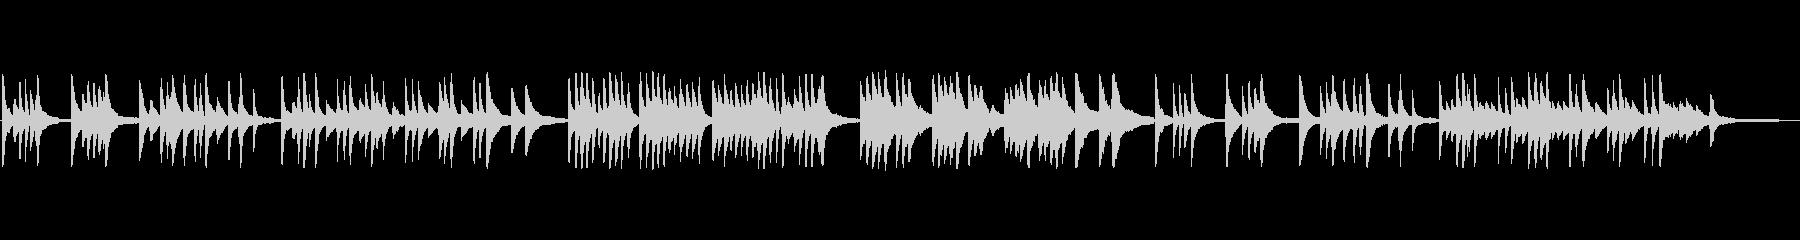 シンプルで切ないヒーリング系ピアノソロの未再生の波形